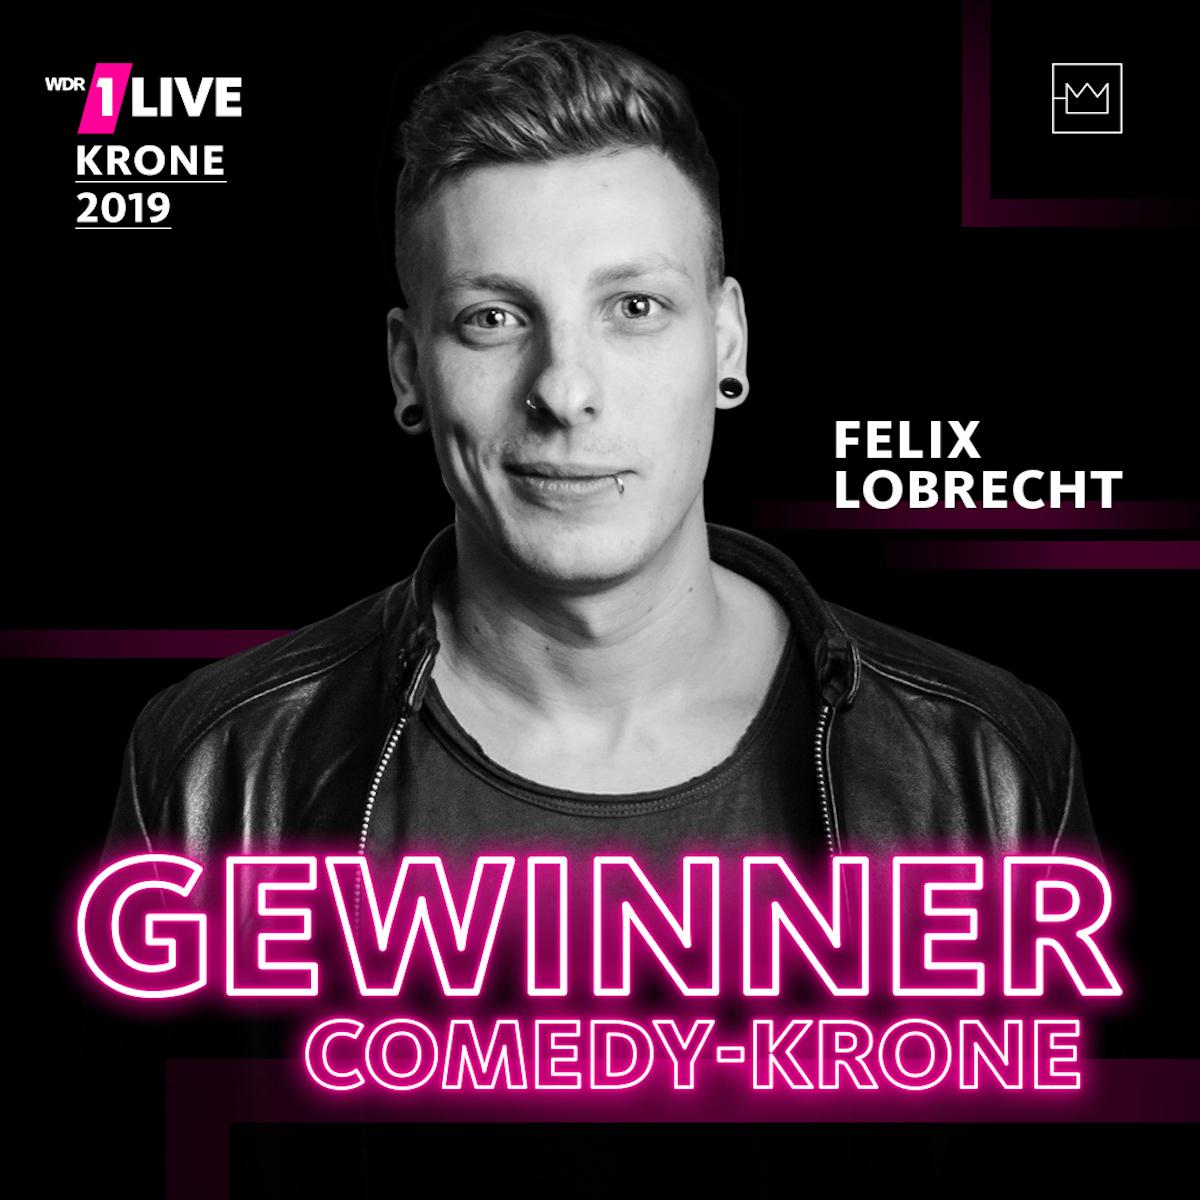 1live Comedy-Krone 2019 geht an Felix Lobrecht